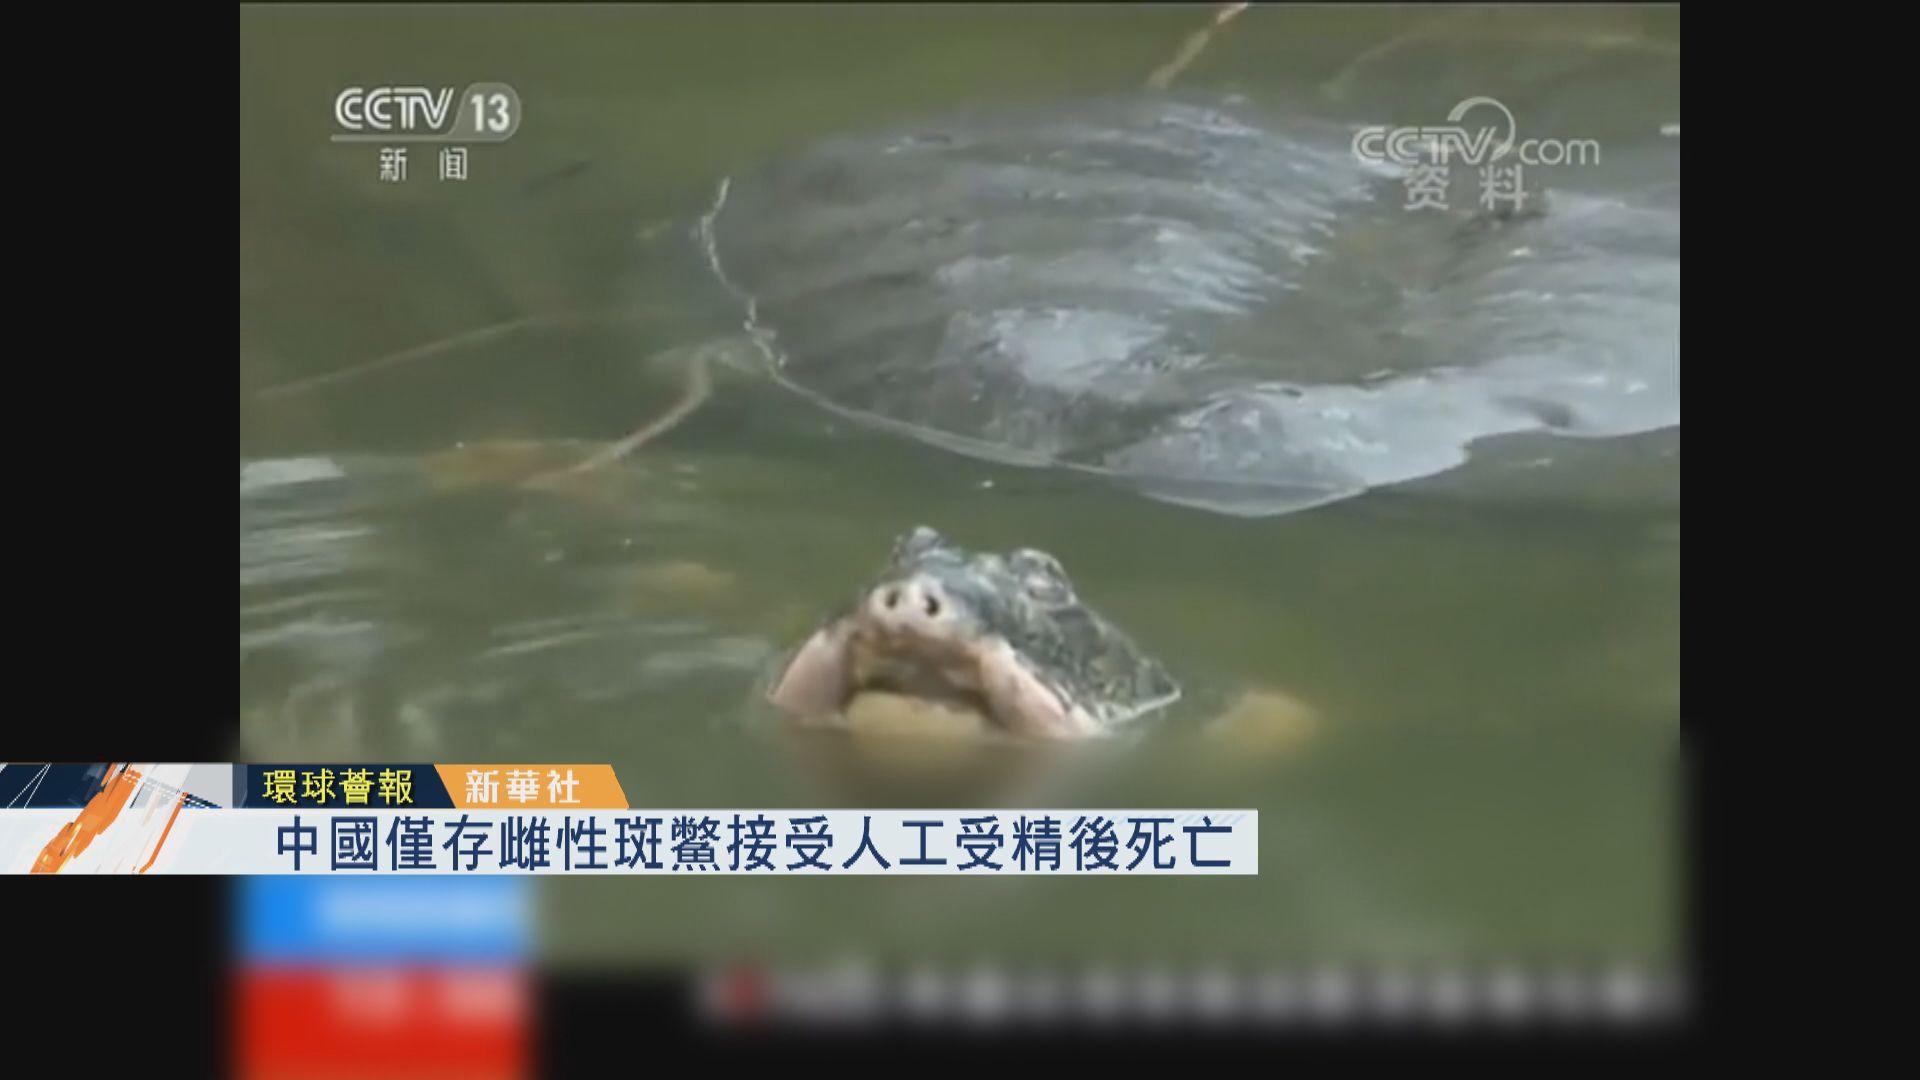 【環球薈報】中國僅存雌性斑鱉接受人工受精後死亡